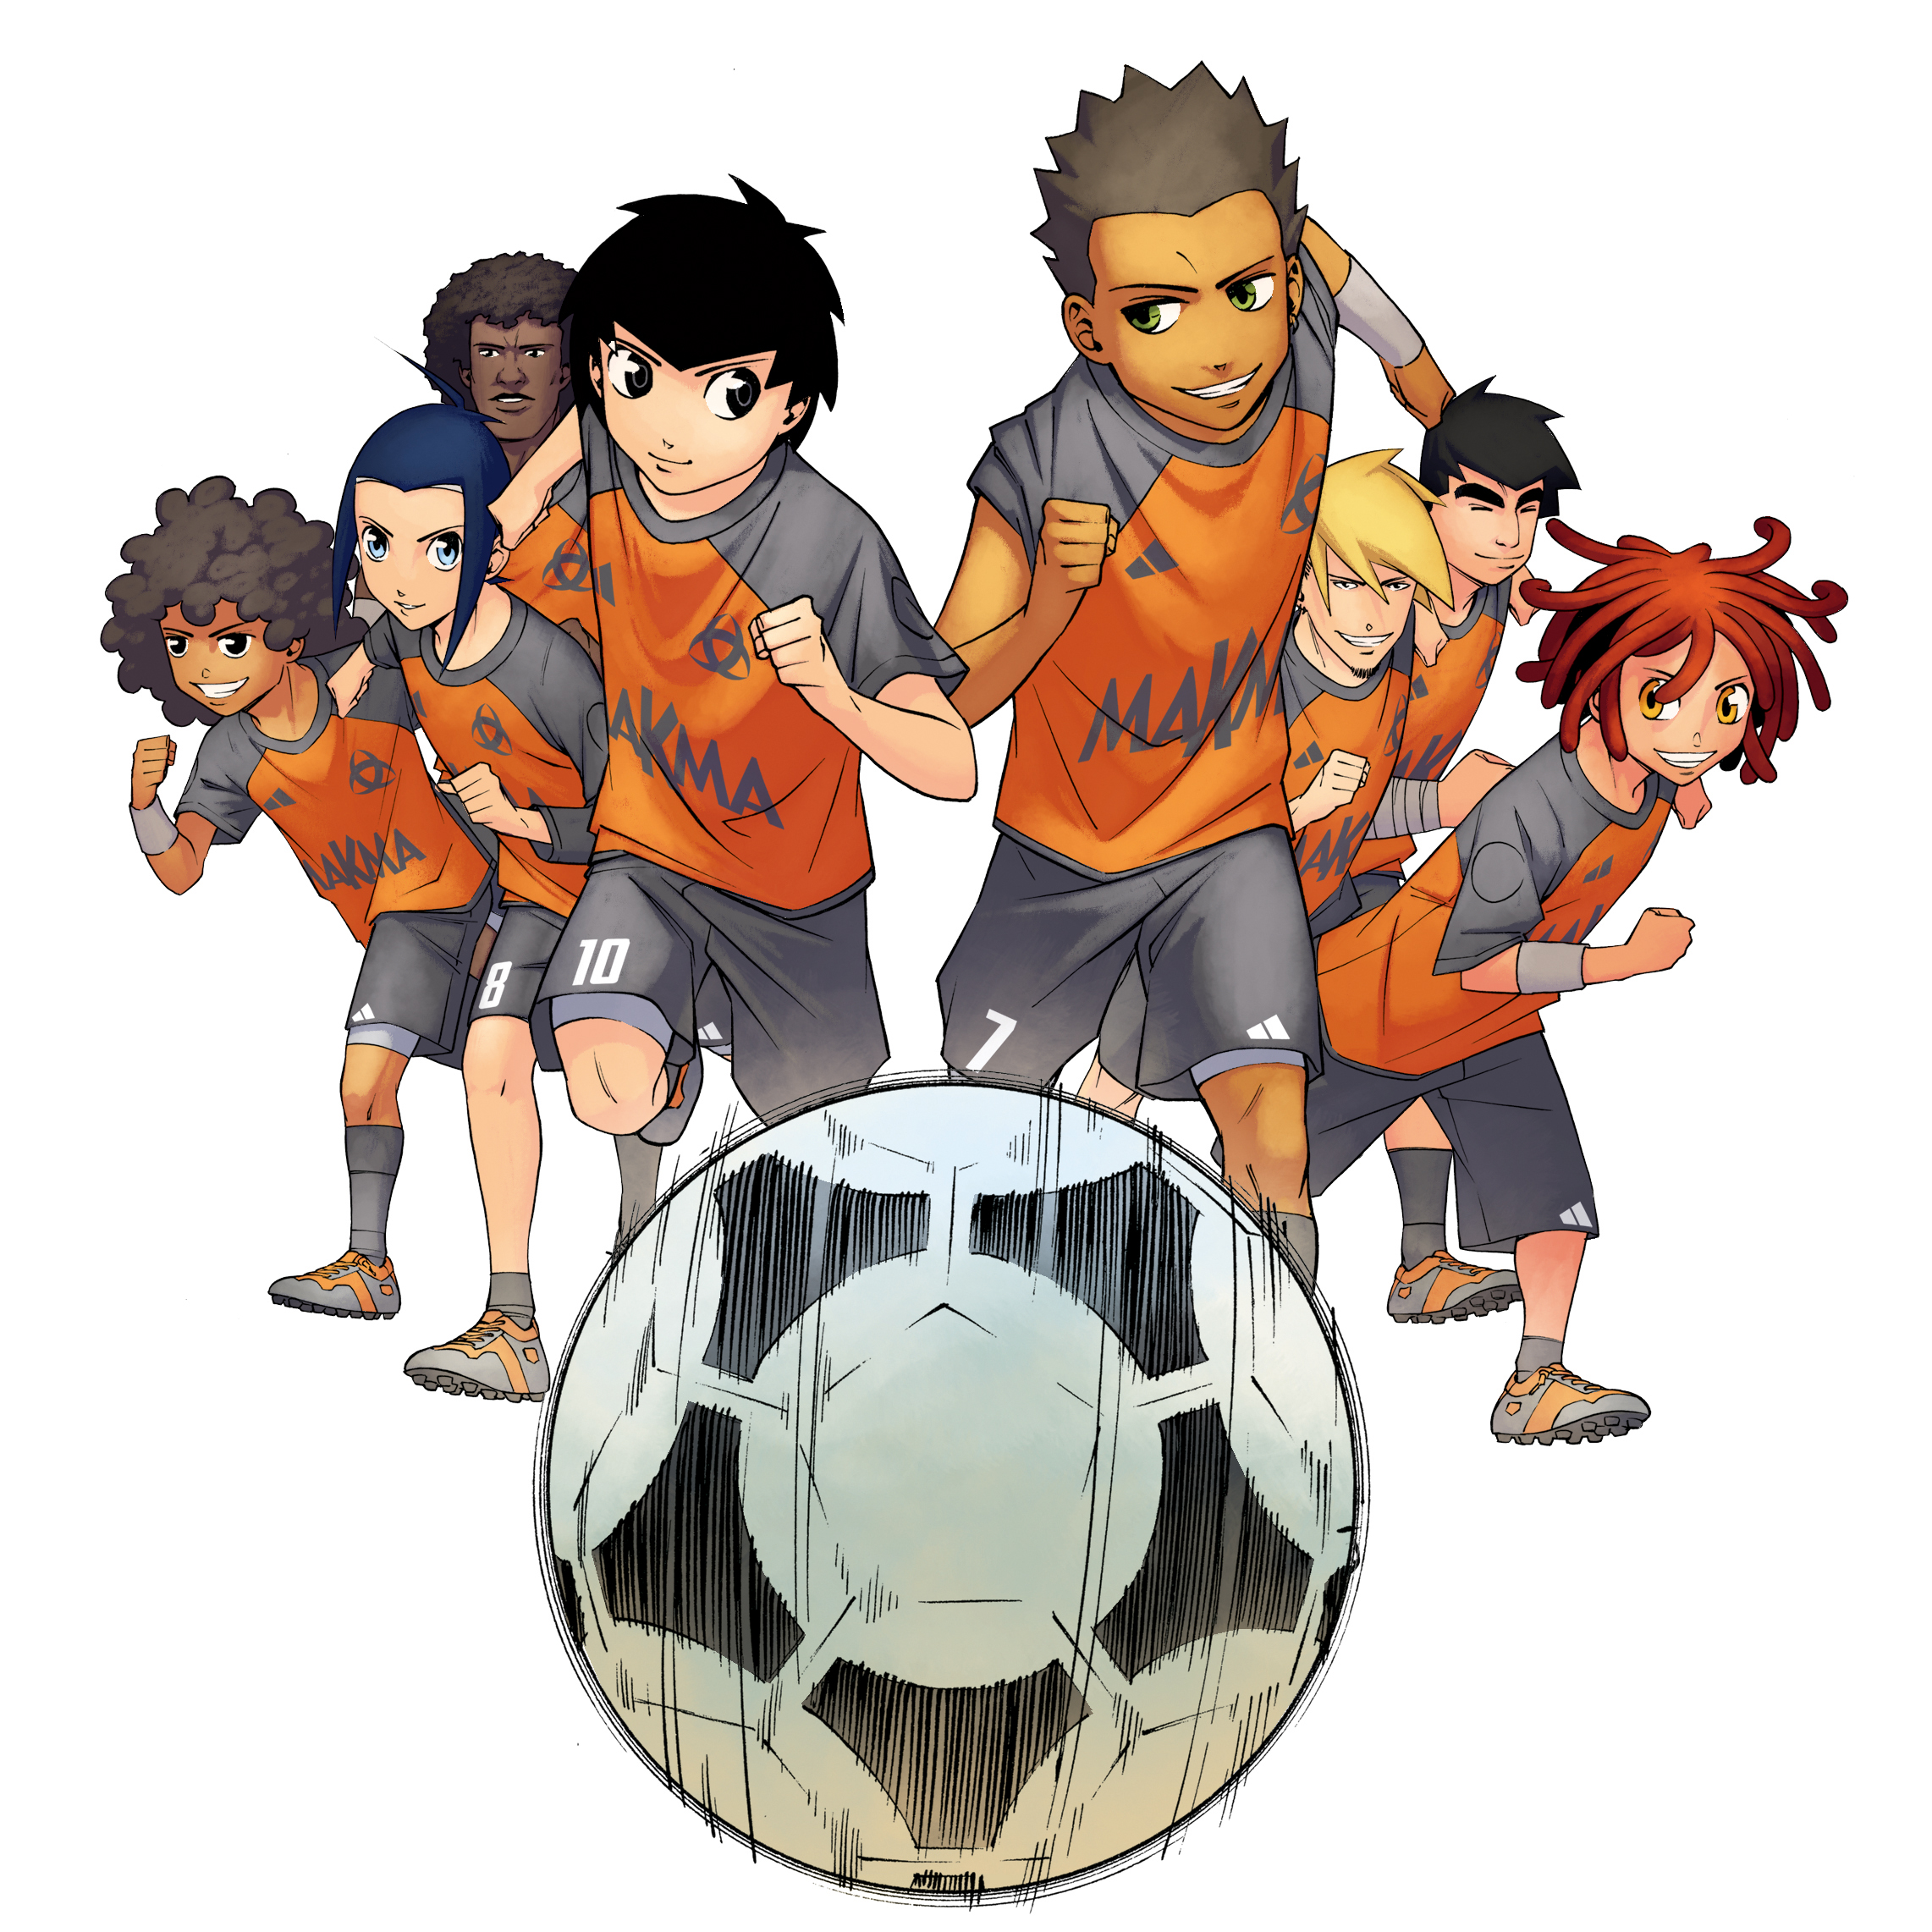 L'Équipe Z, le manga foot : détail de la couverture du tome 2 (Dessin : Albert Carreres) - Flibsuk